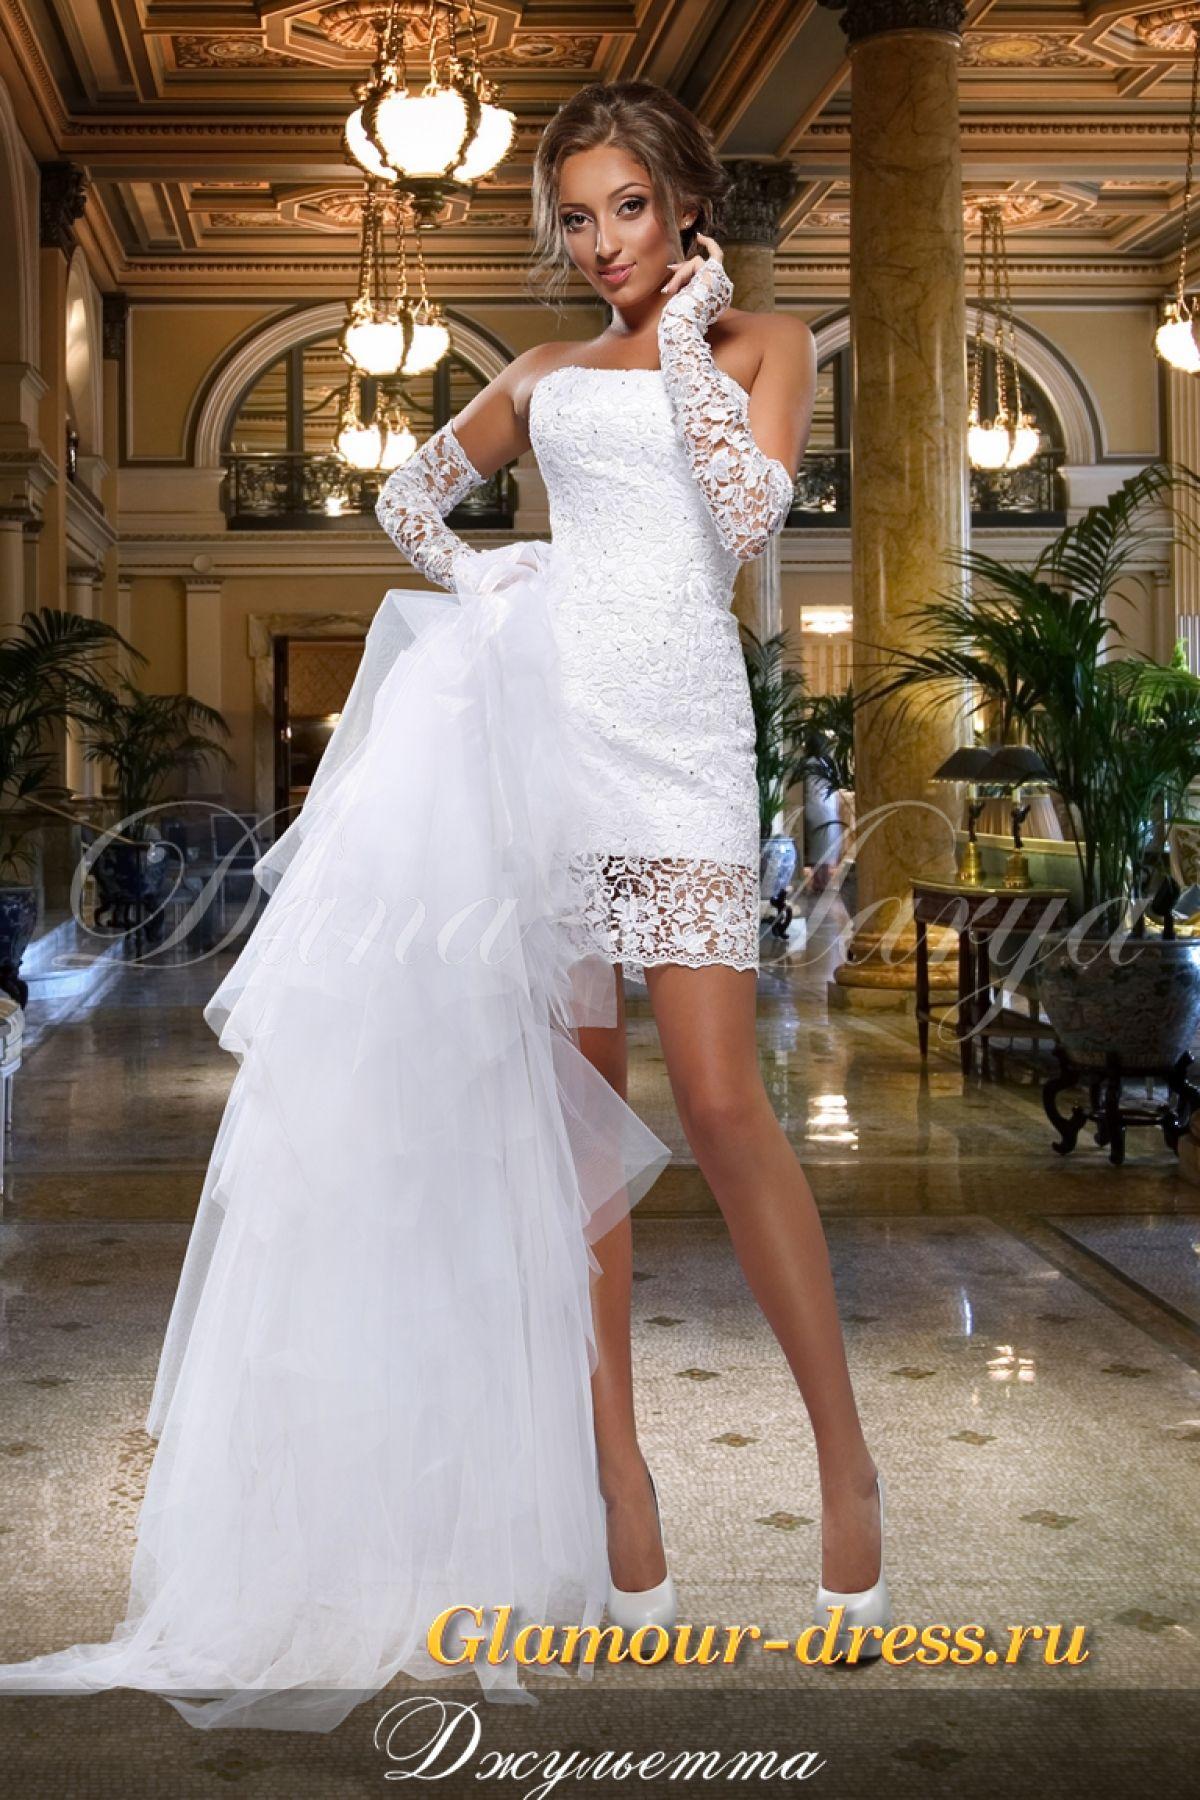 f161901d2d2 Короткое свадебное платье трансформер Джульетта Санкт-Петербург